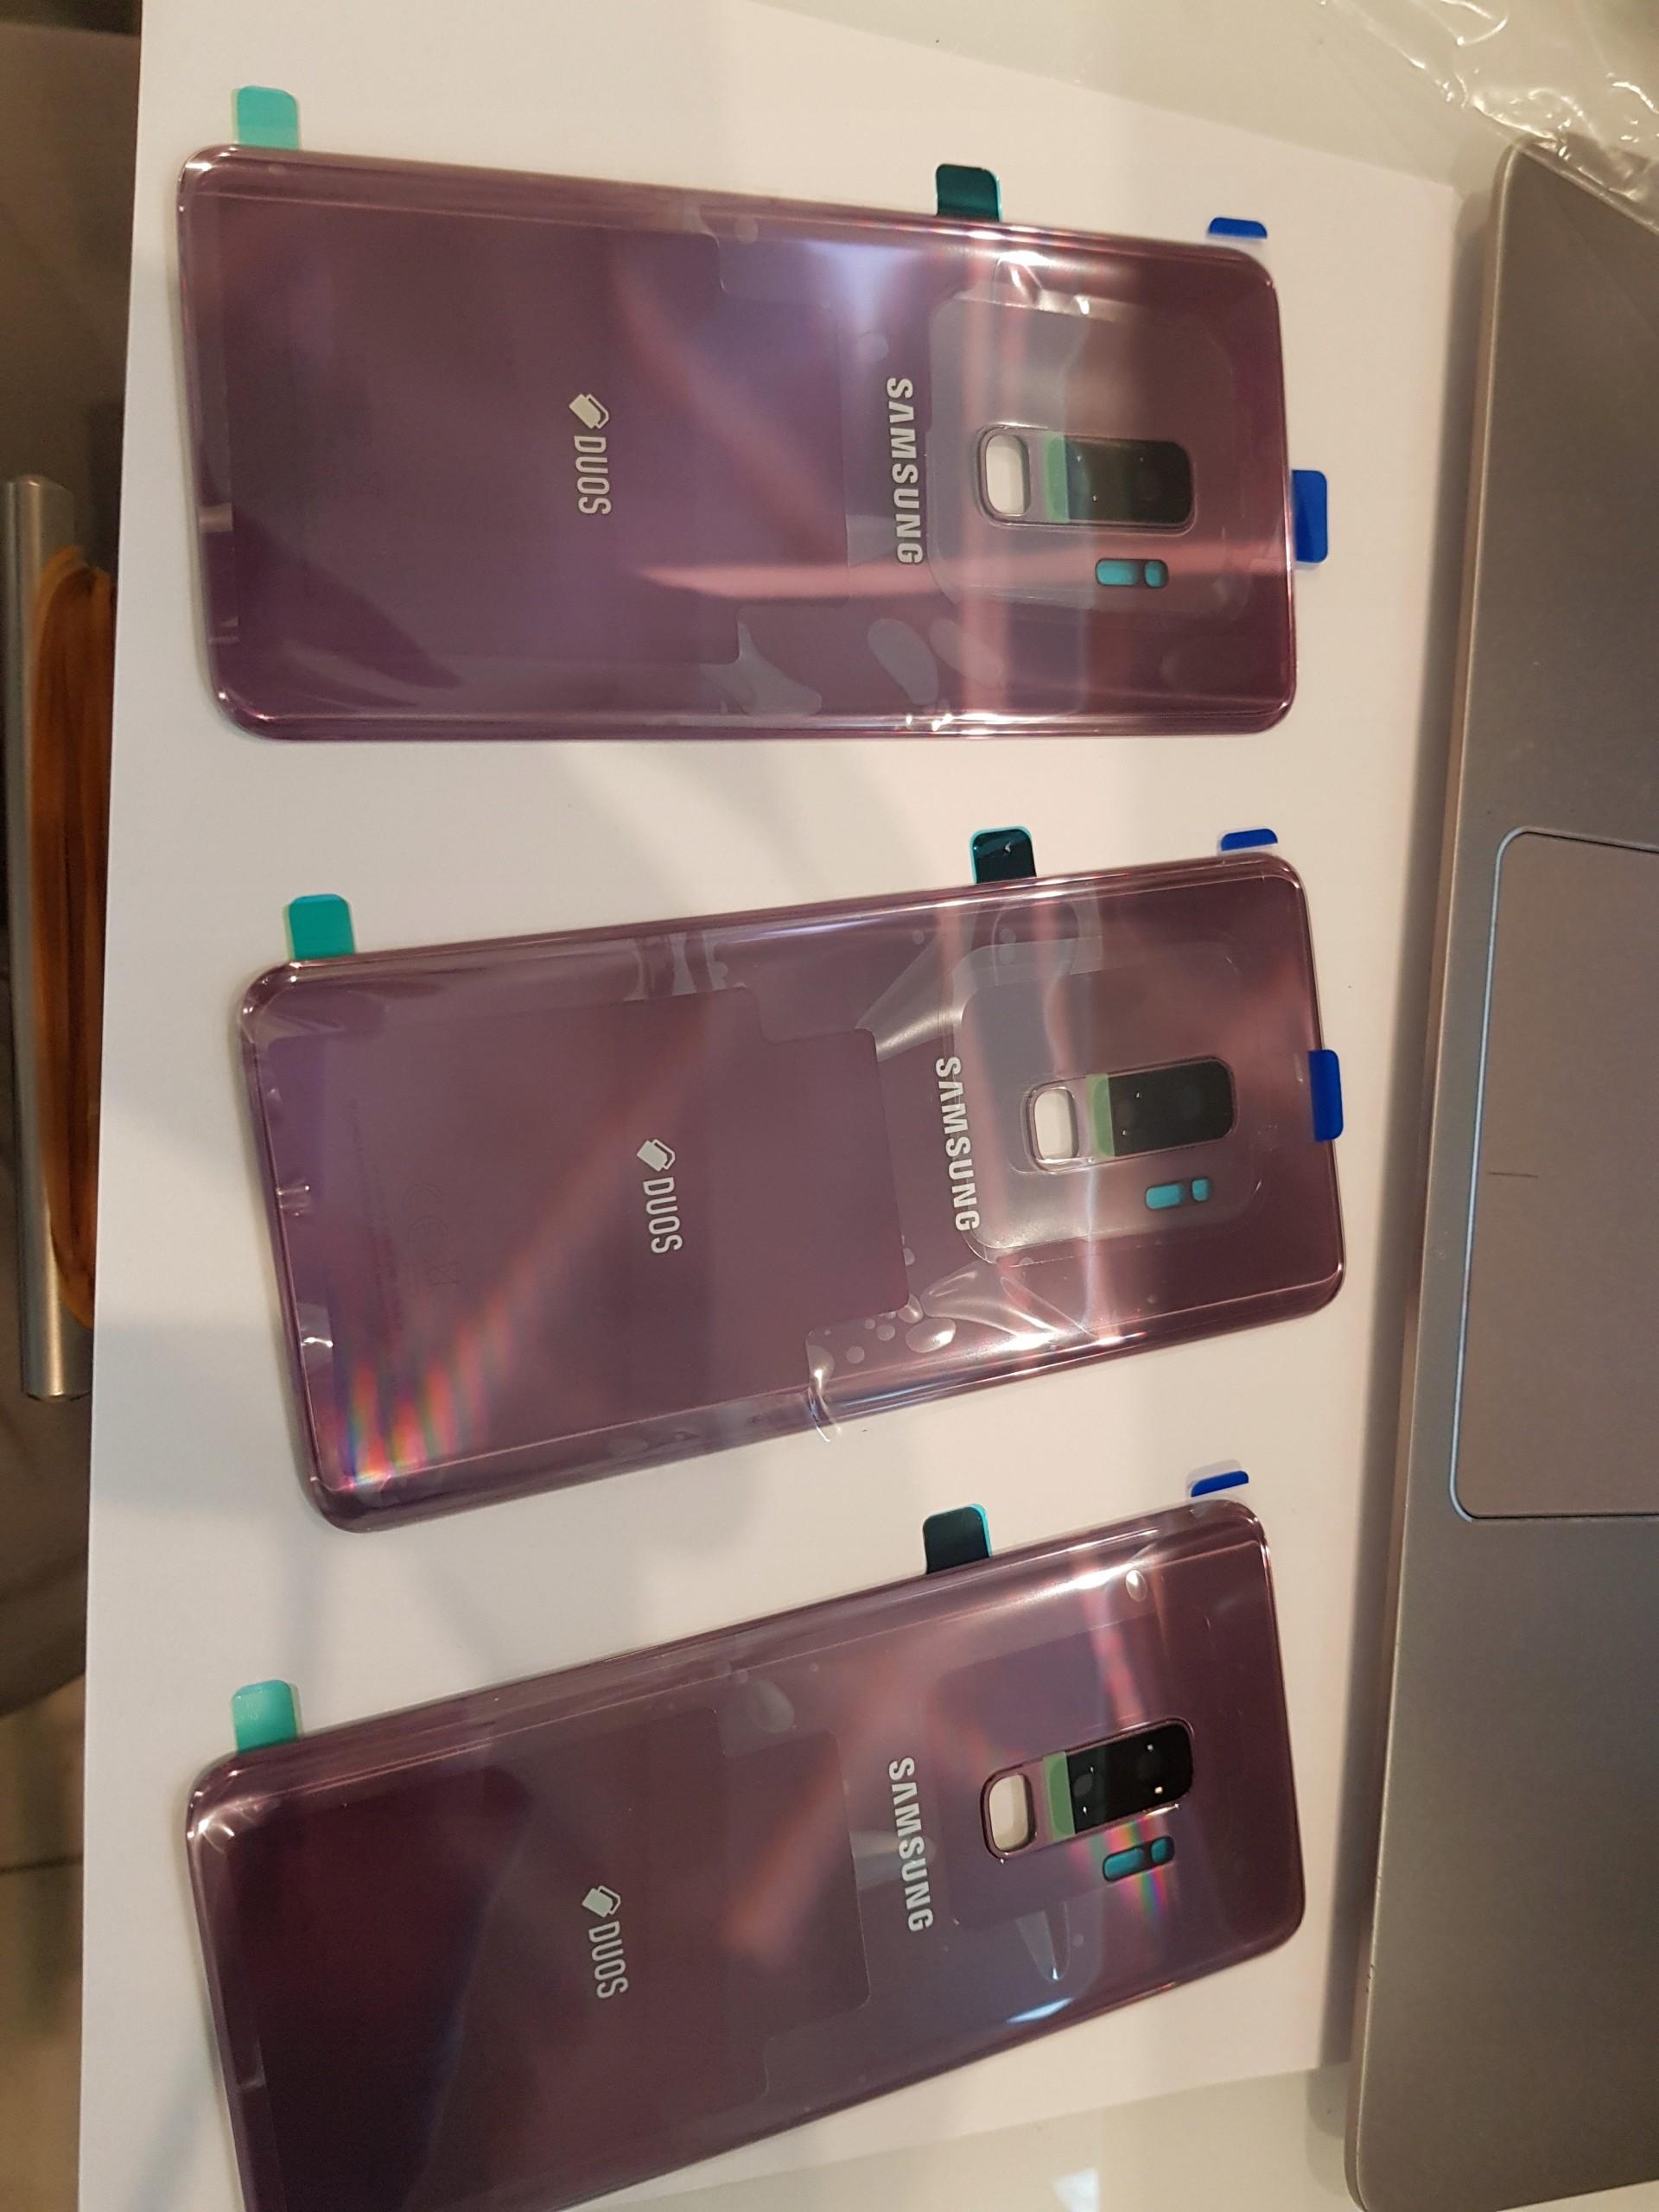 Samsung Oryginalna Klapka s9+ g965f fiolet #19